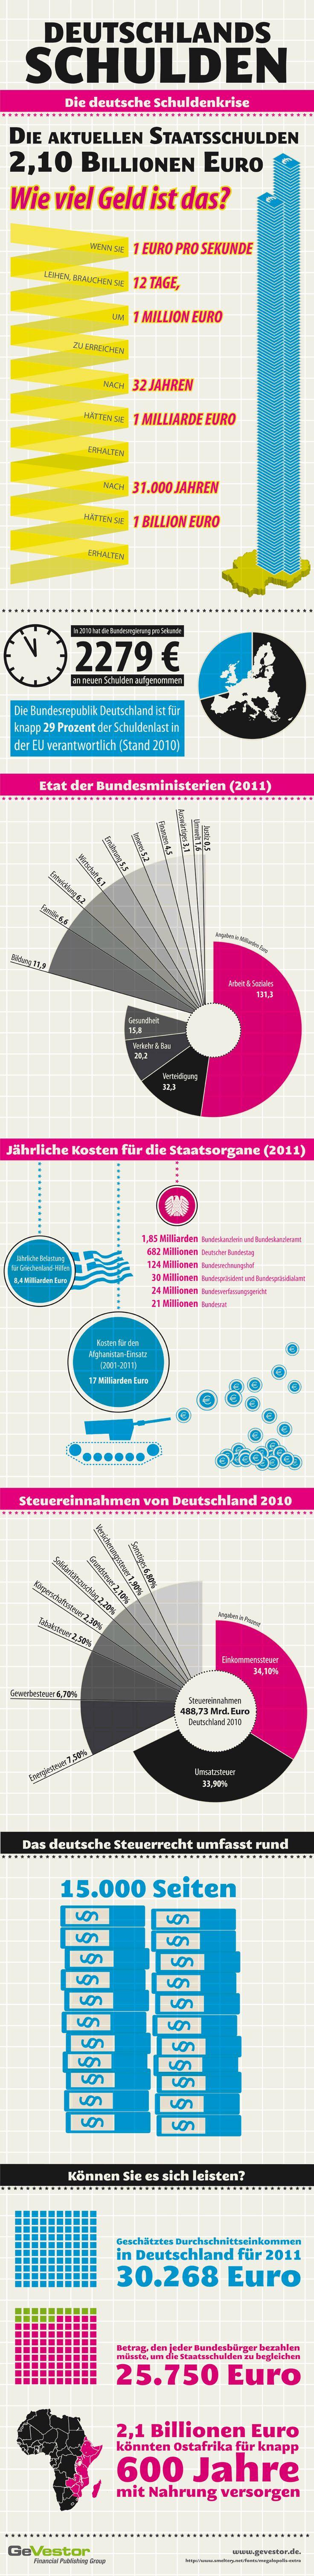 Infografik: Deutschland Schulden